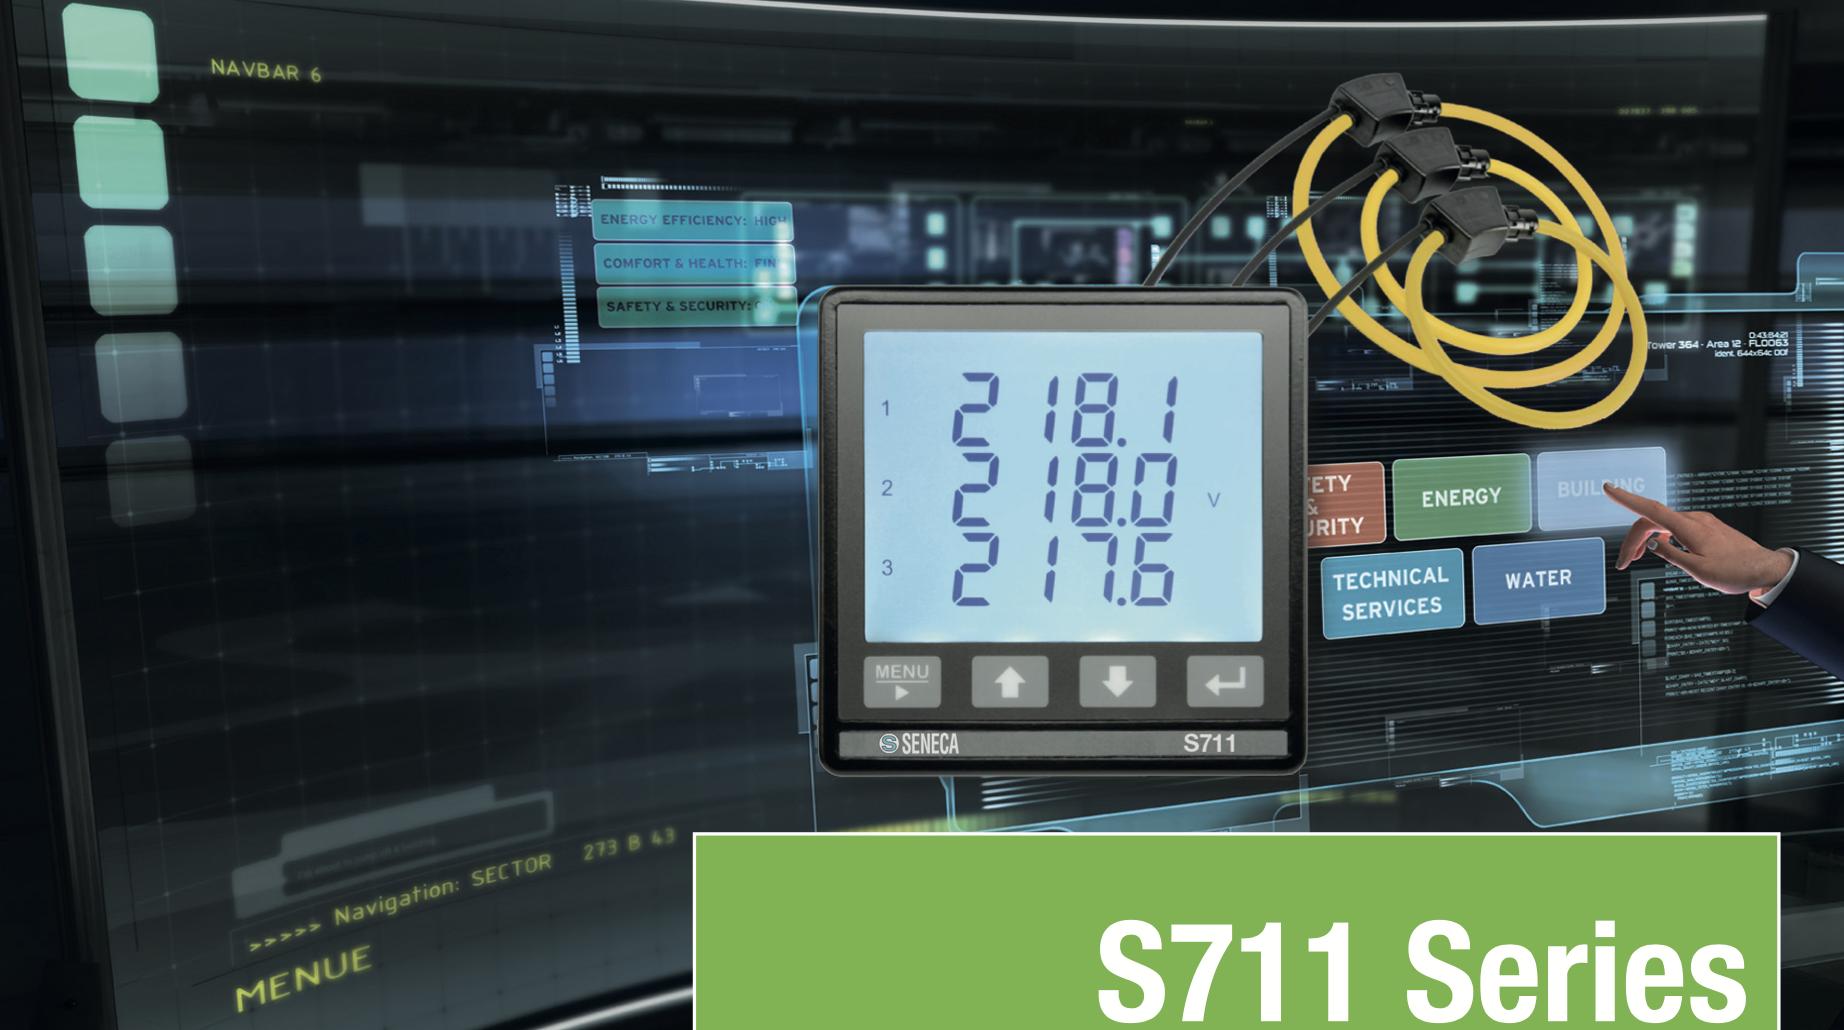 ứng dụng đồng hồ đo điện 3 pha